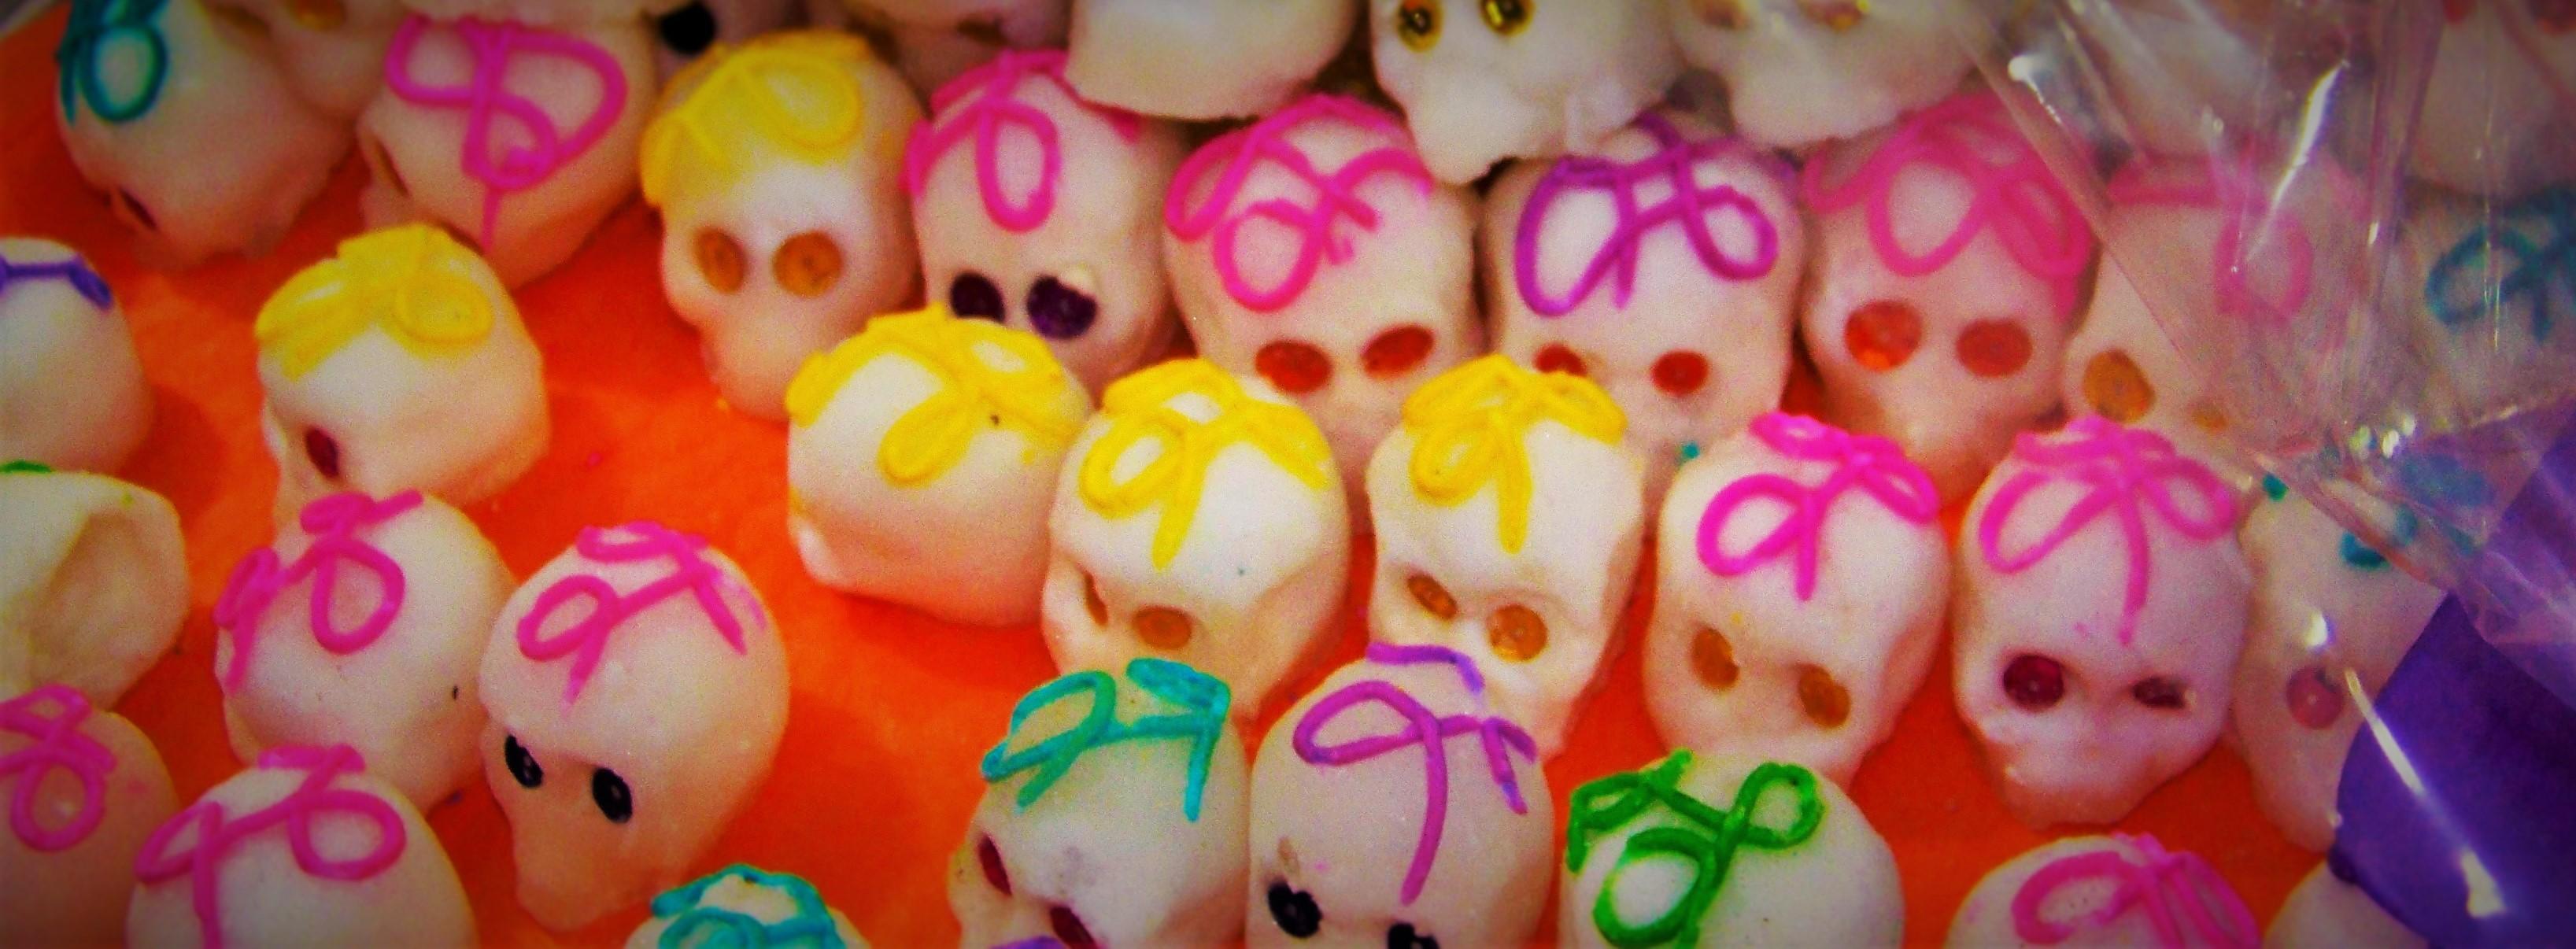 Candy Skulls Cabo 1 header